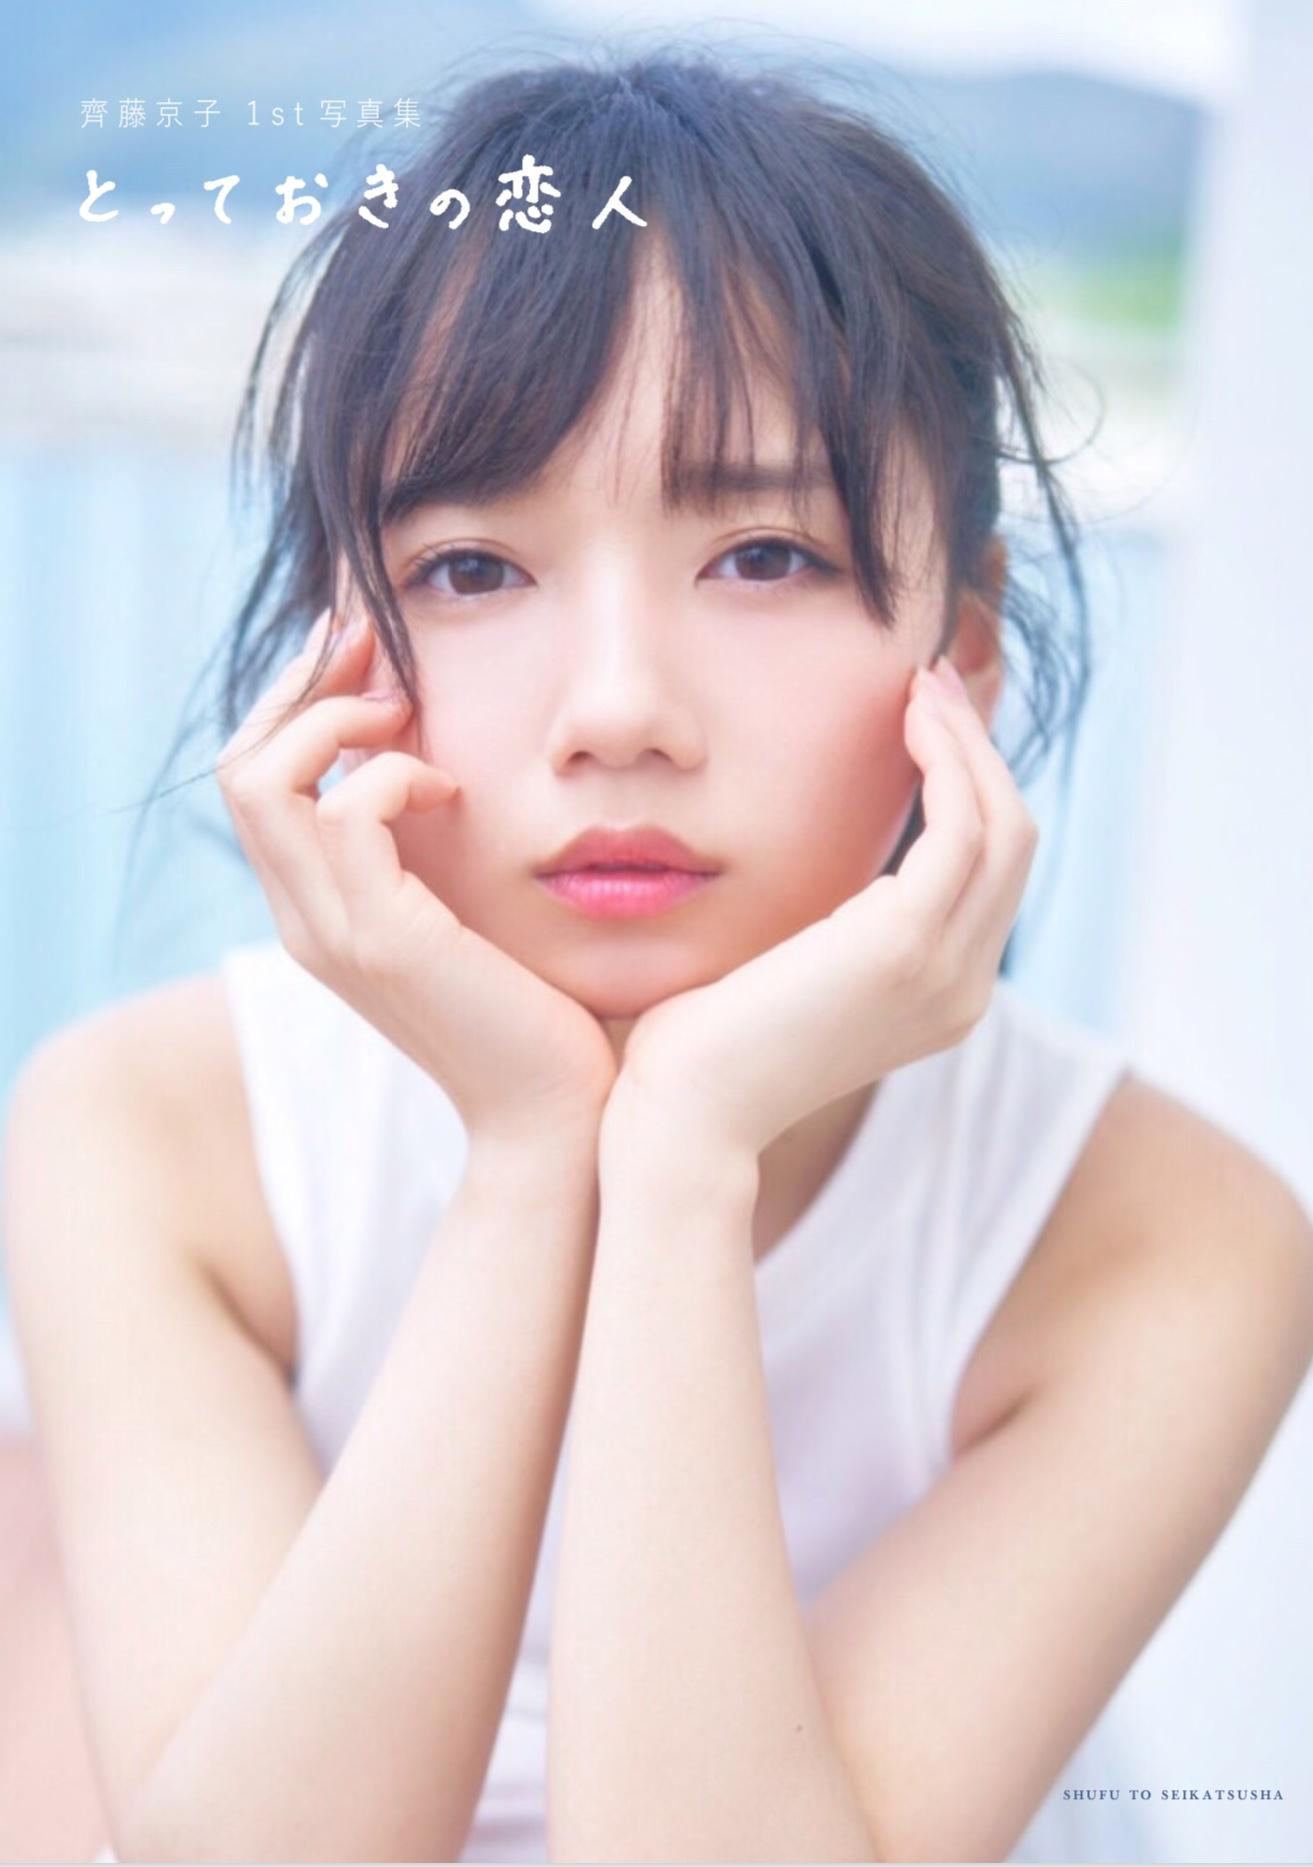 日向坂46・齊藤京子、1st写真集『とっておきの恋人』表紙カバー4種公開